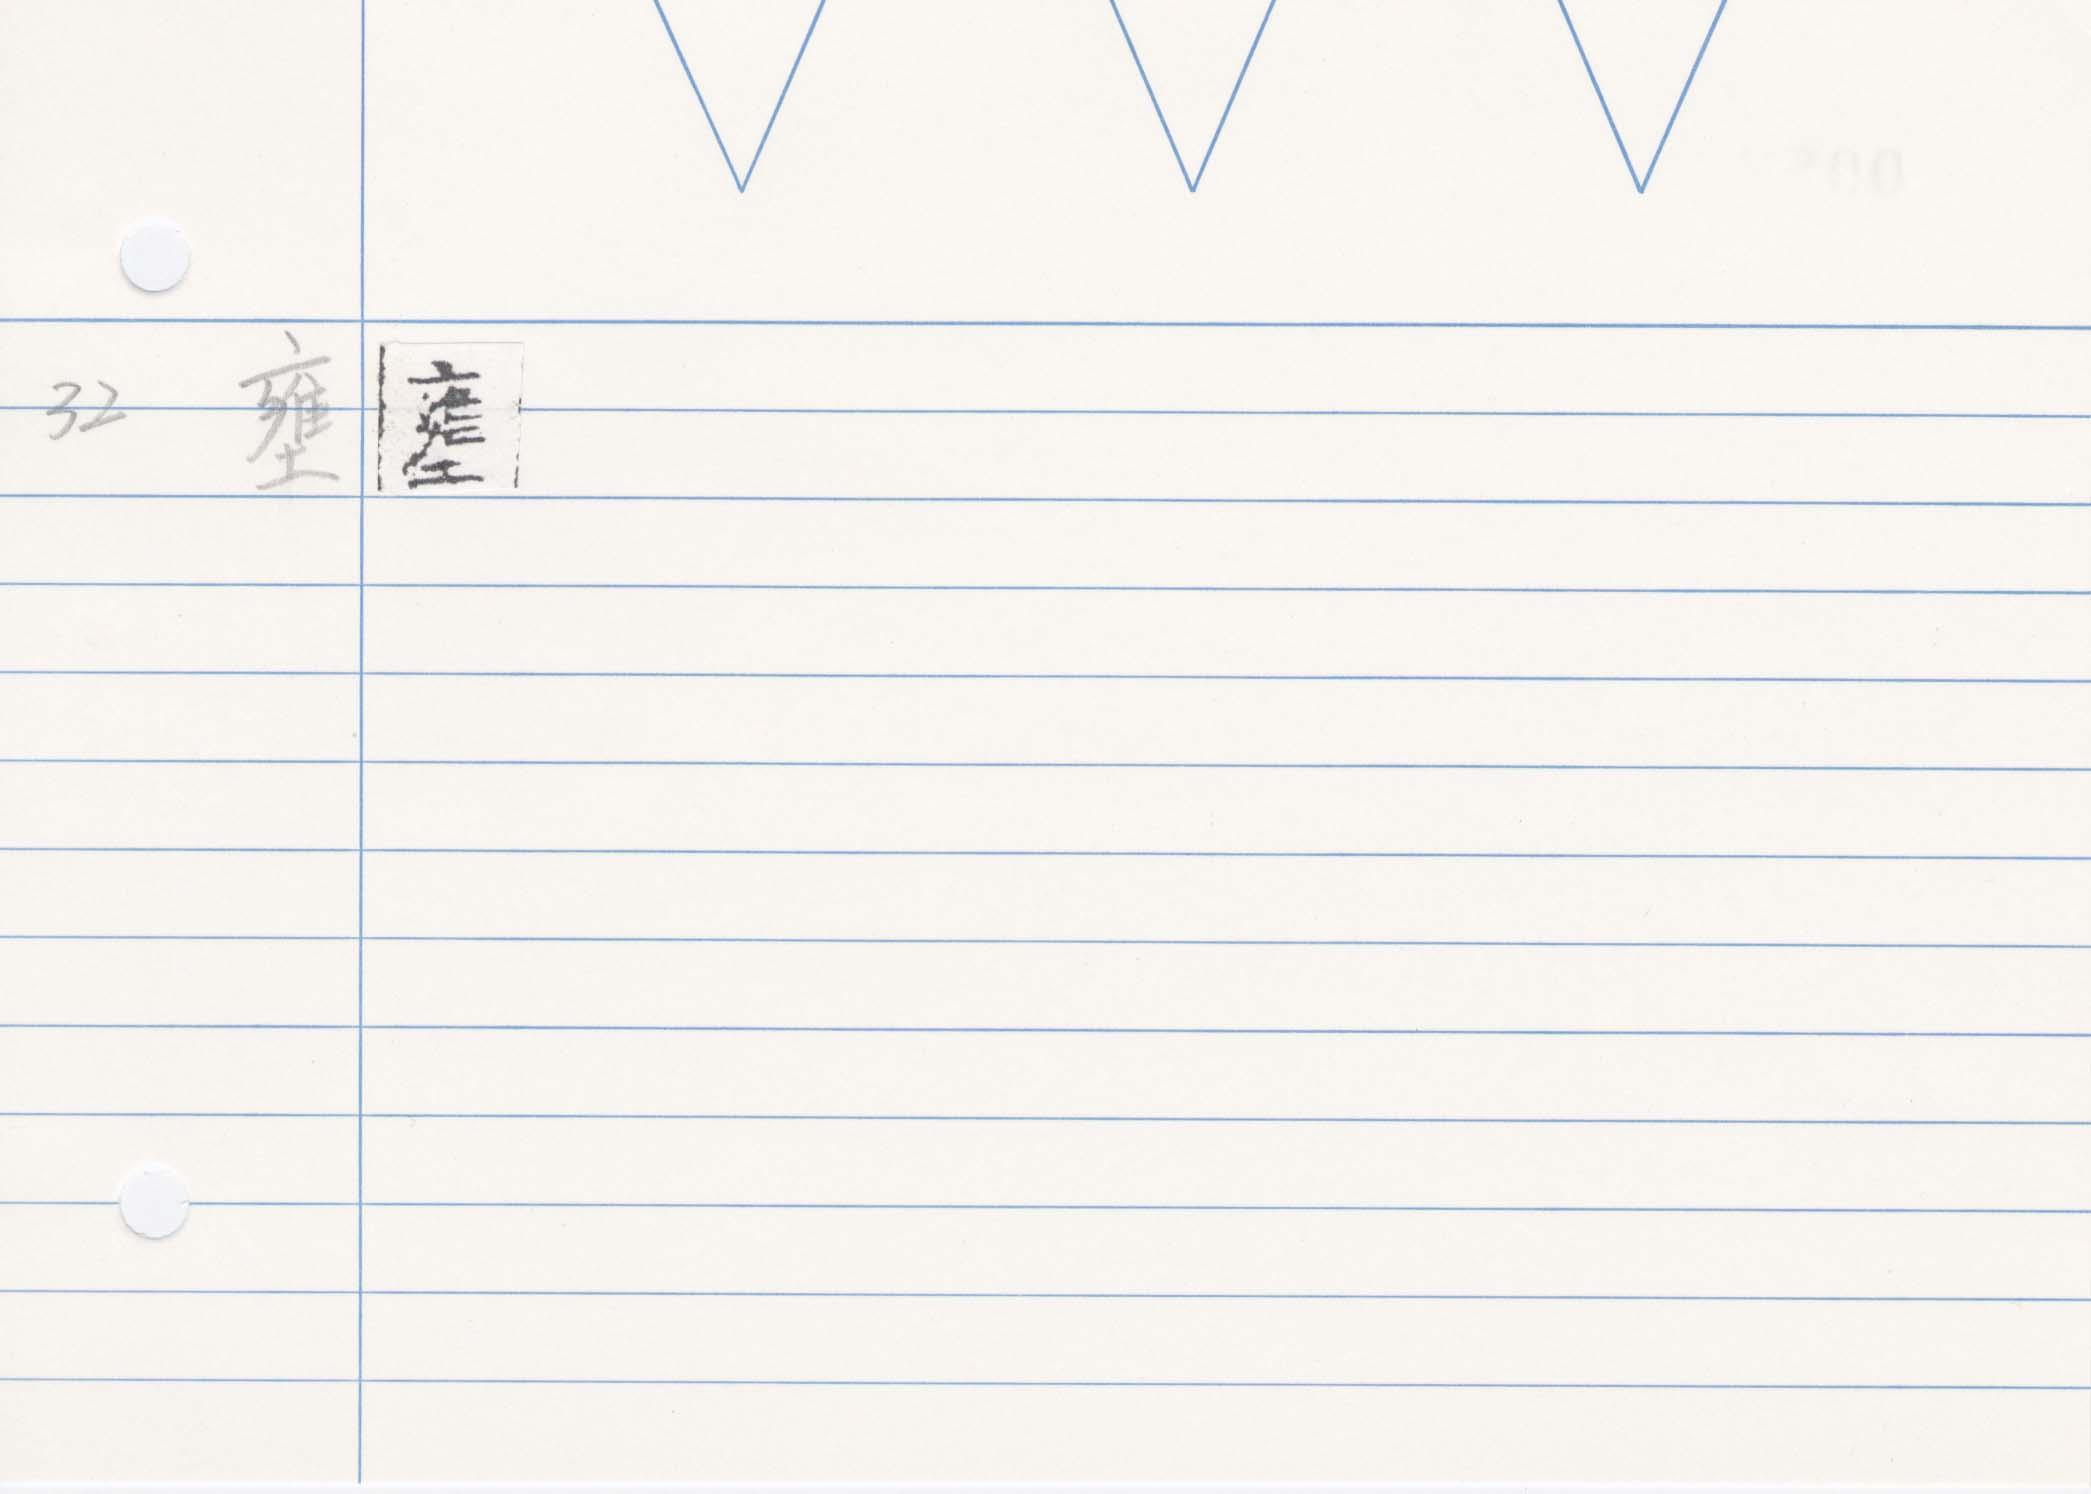 26_齊民要術卷五(高山寺本)/cards/0057.jpg